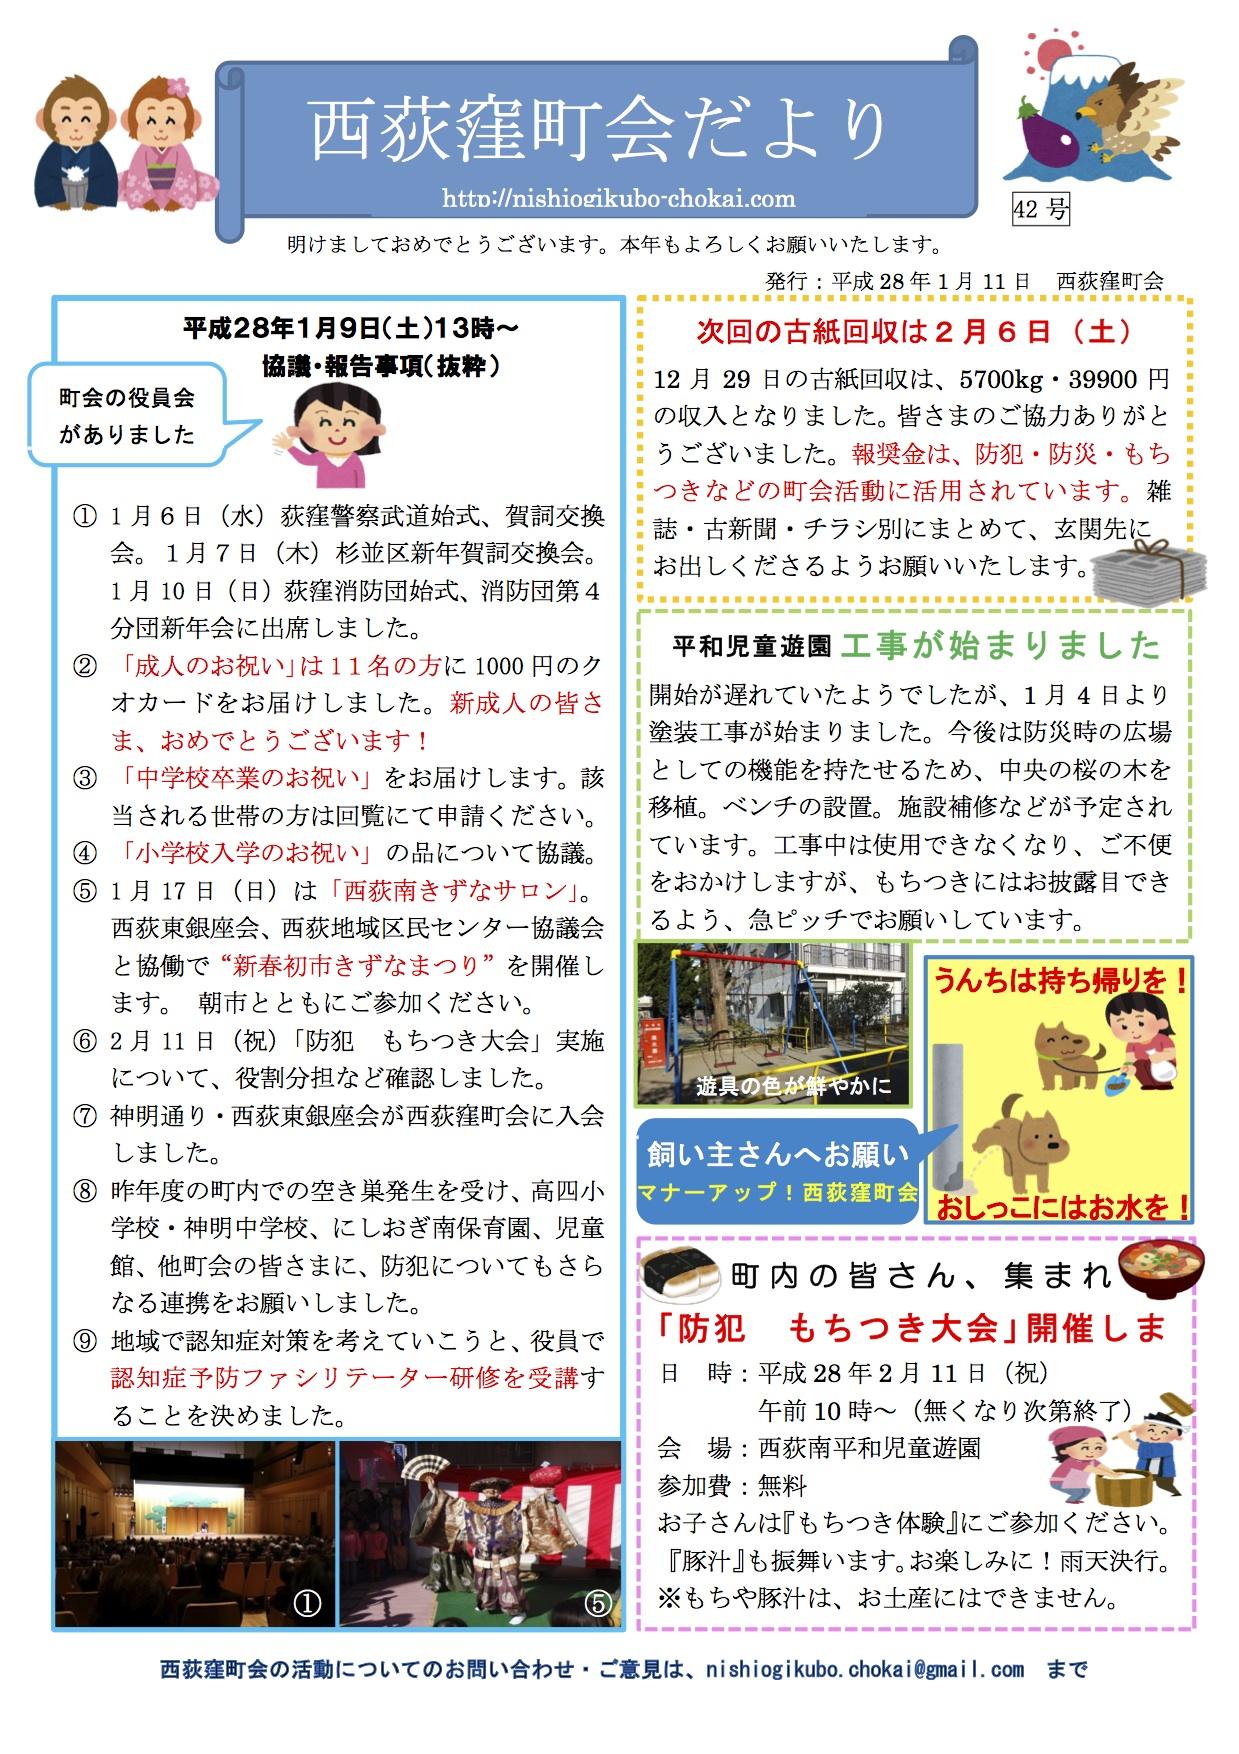 西荻窪町会便り㊷HP.28.01.11